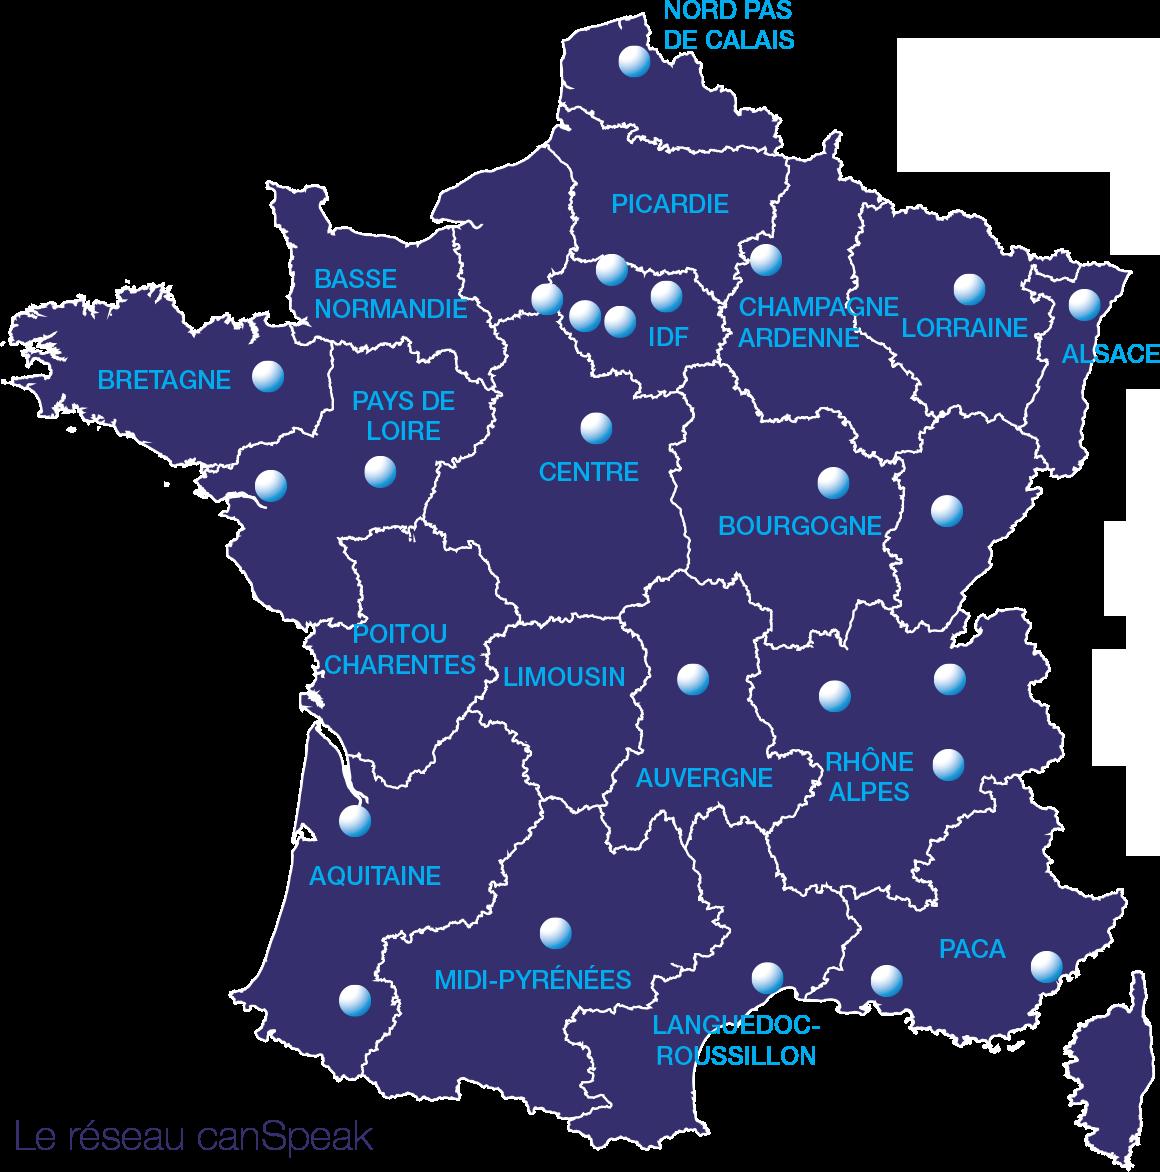 Carte Sca Leclerc.Canspeak Le Reseau De Centres De Langues Independants